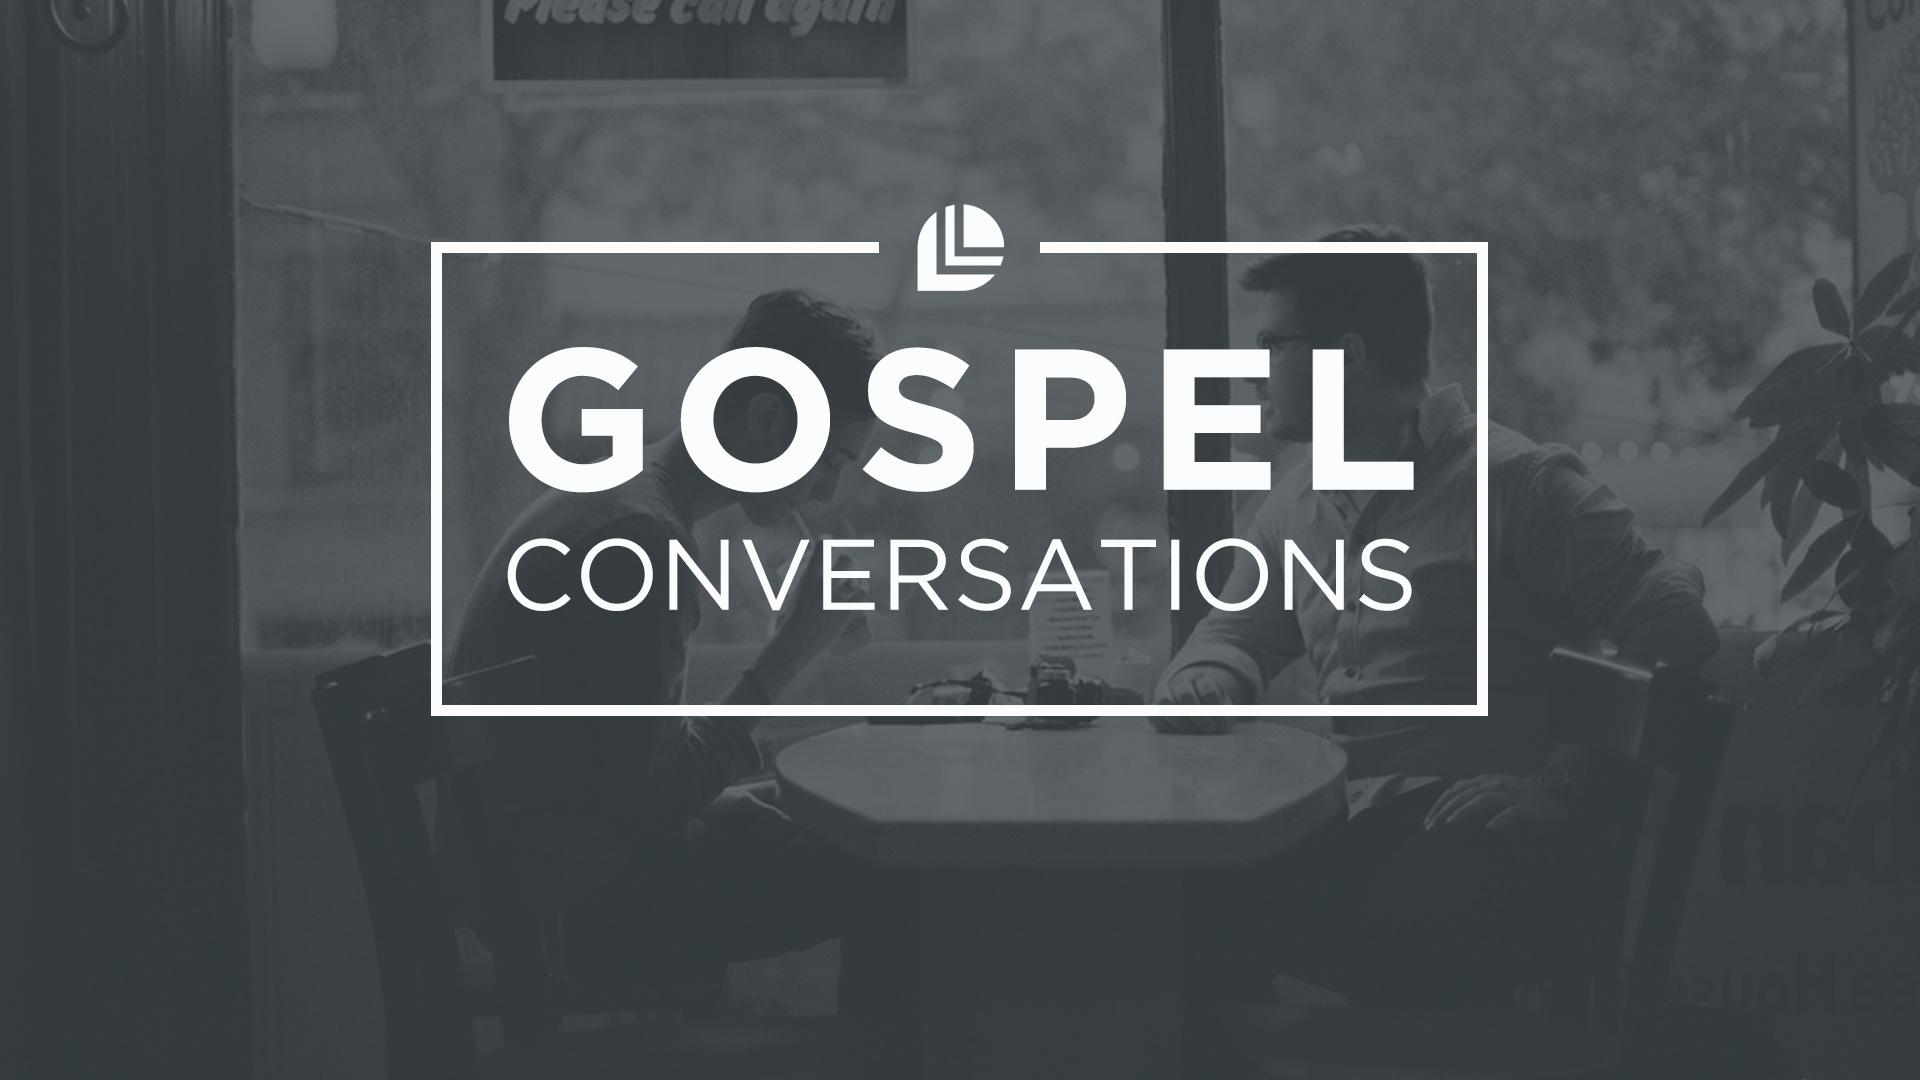 gospel conversations (1).jpg